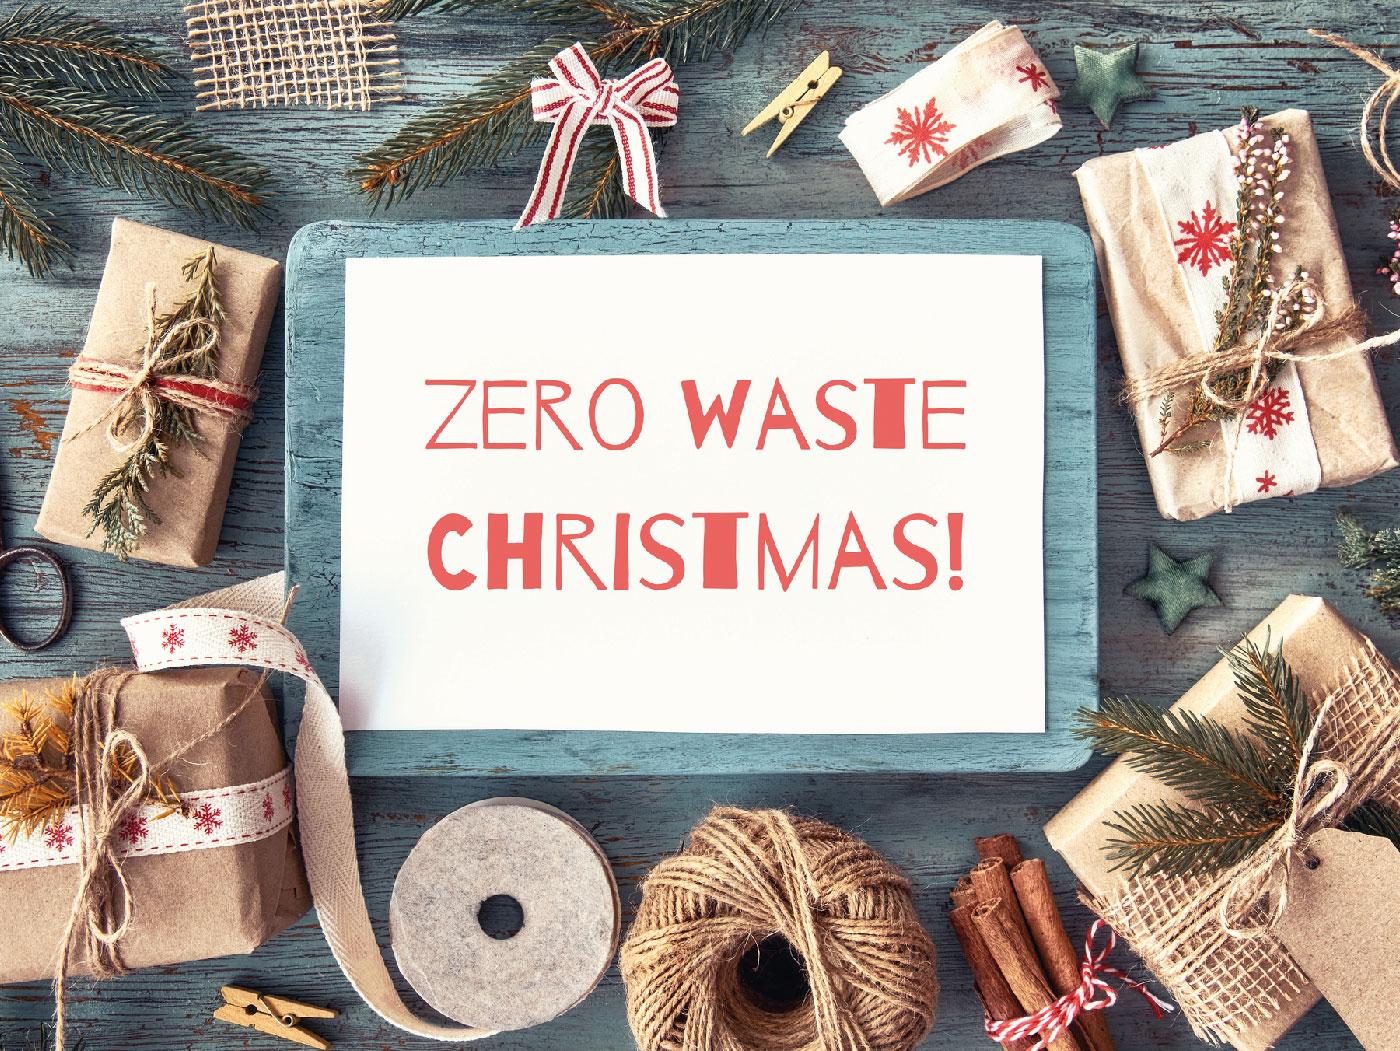 Residuos electrónicos Navidad